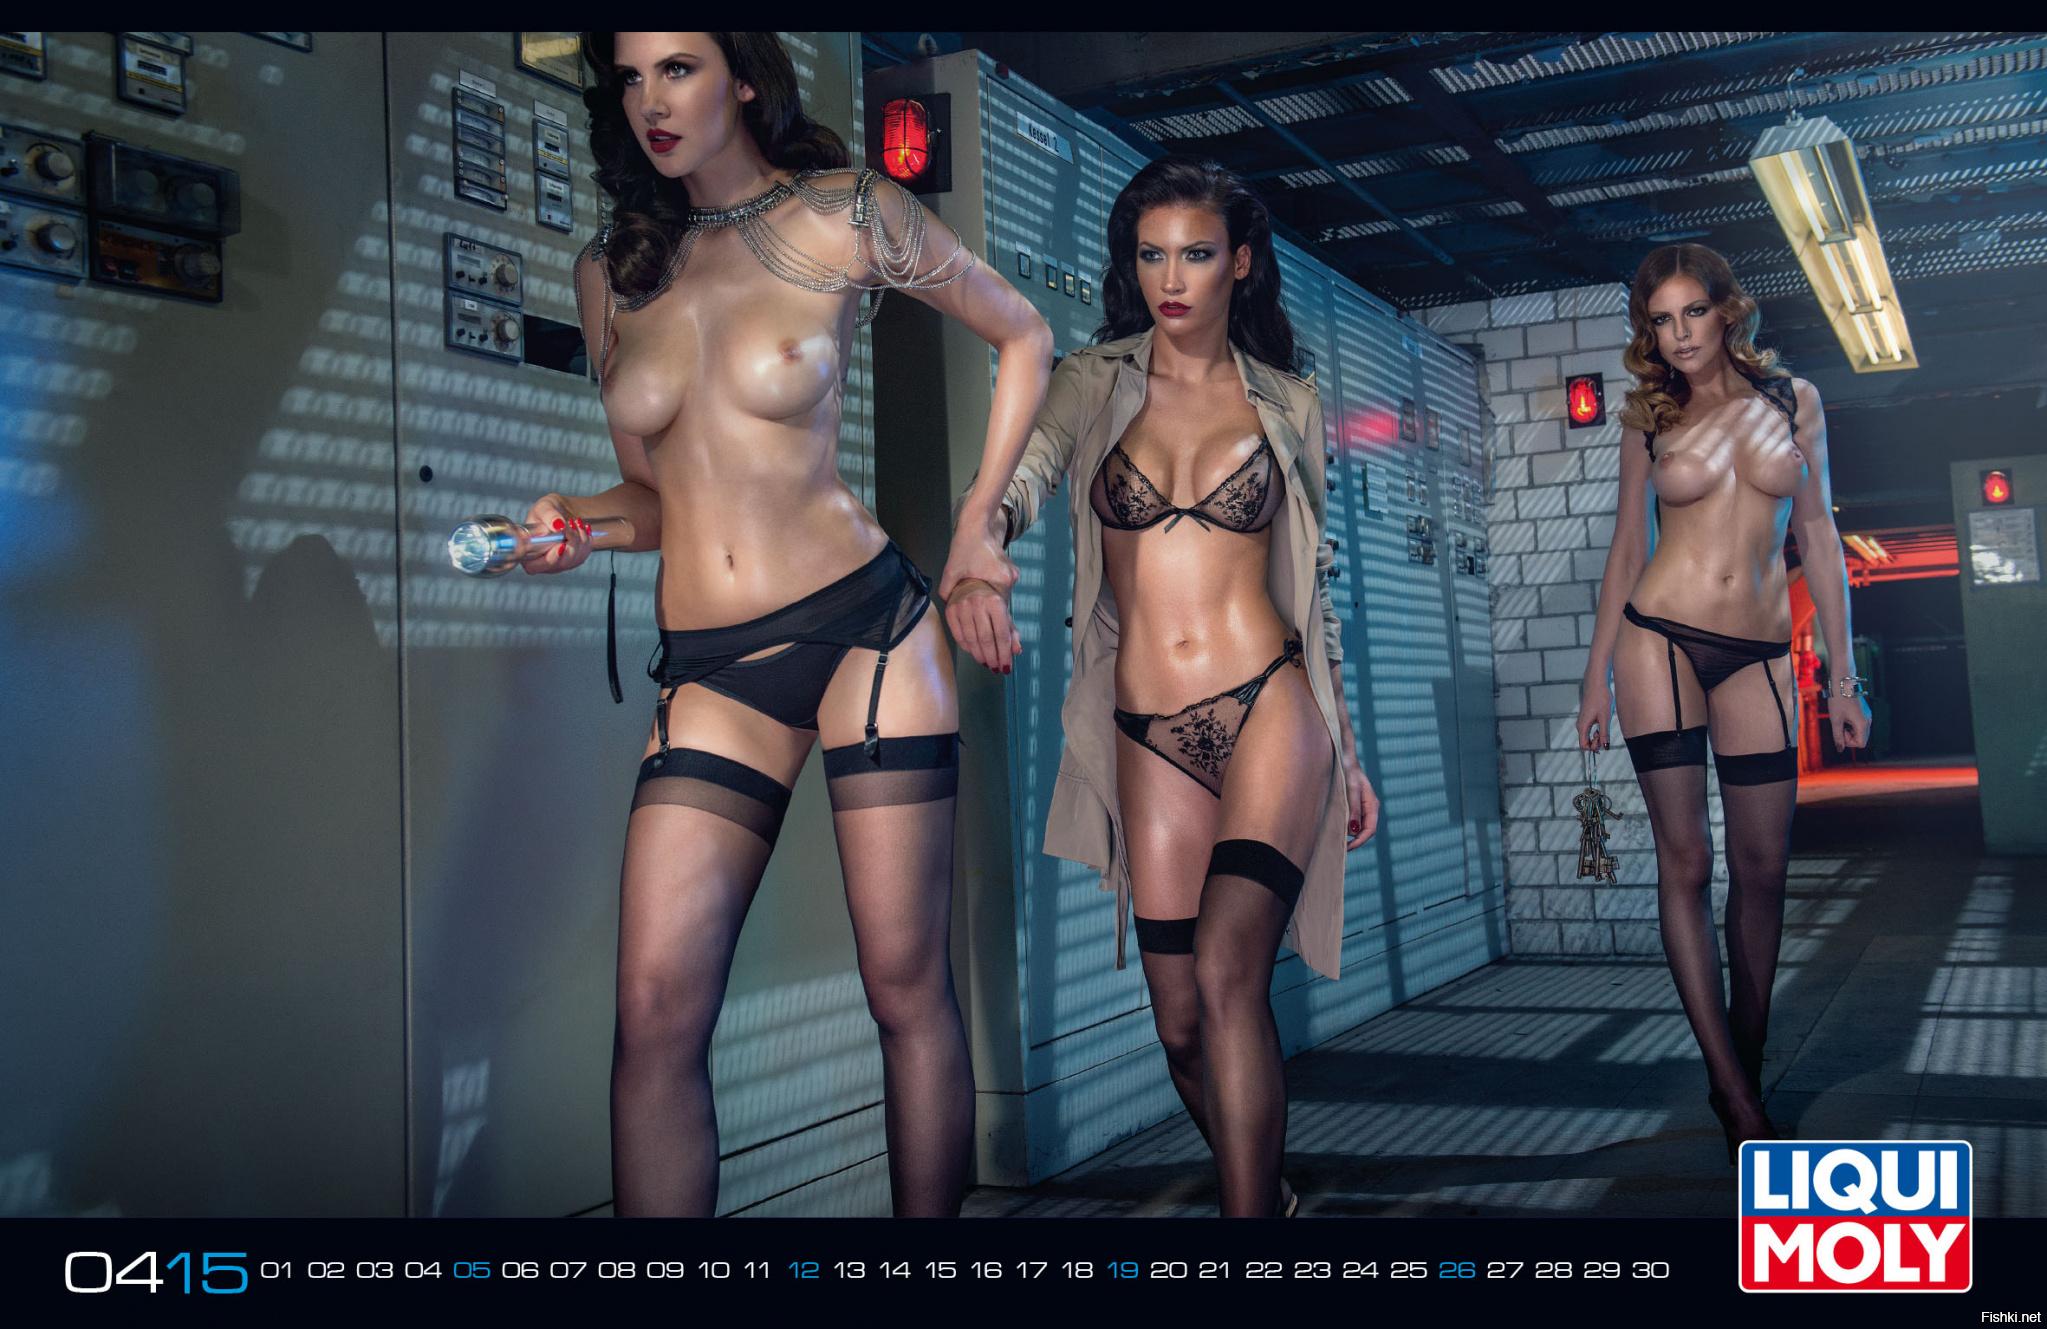 Голые модели на календарях, порно у всех на виду смотреть онлайн